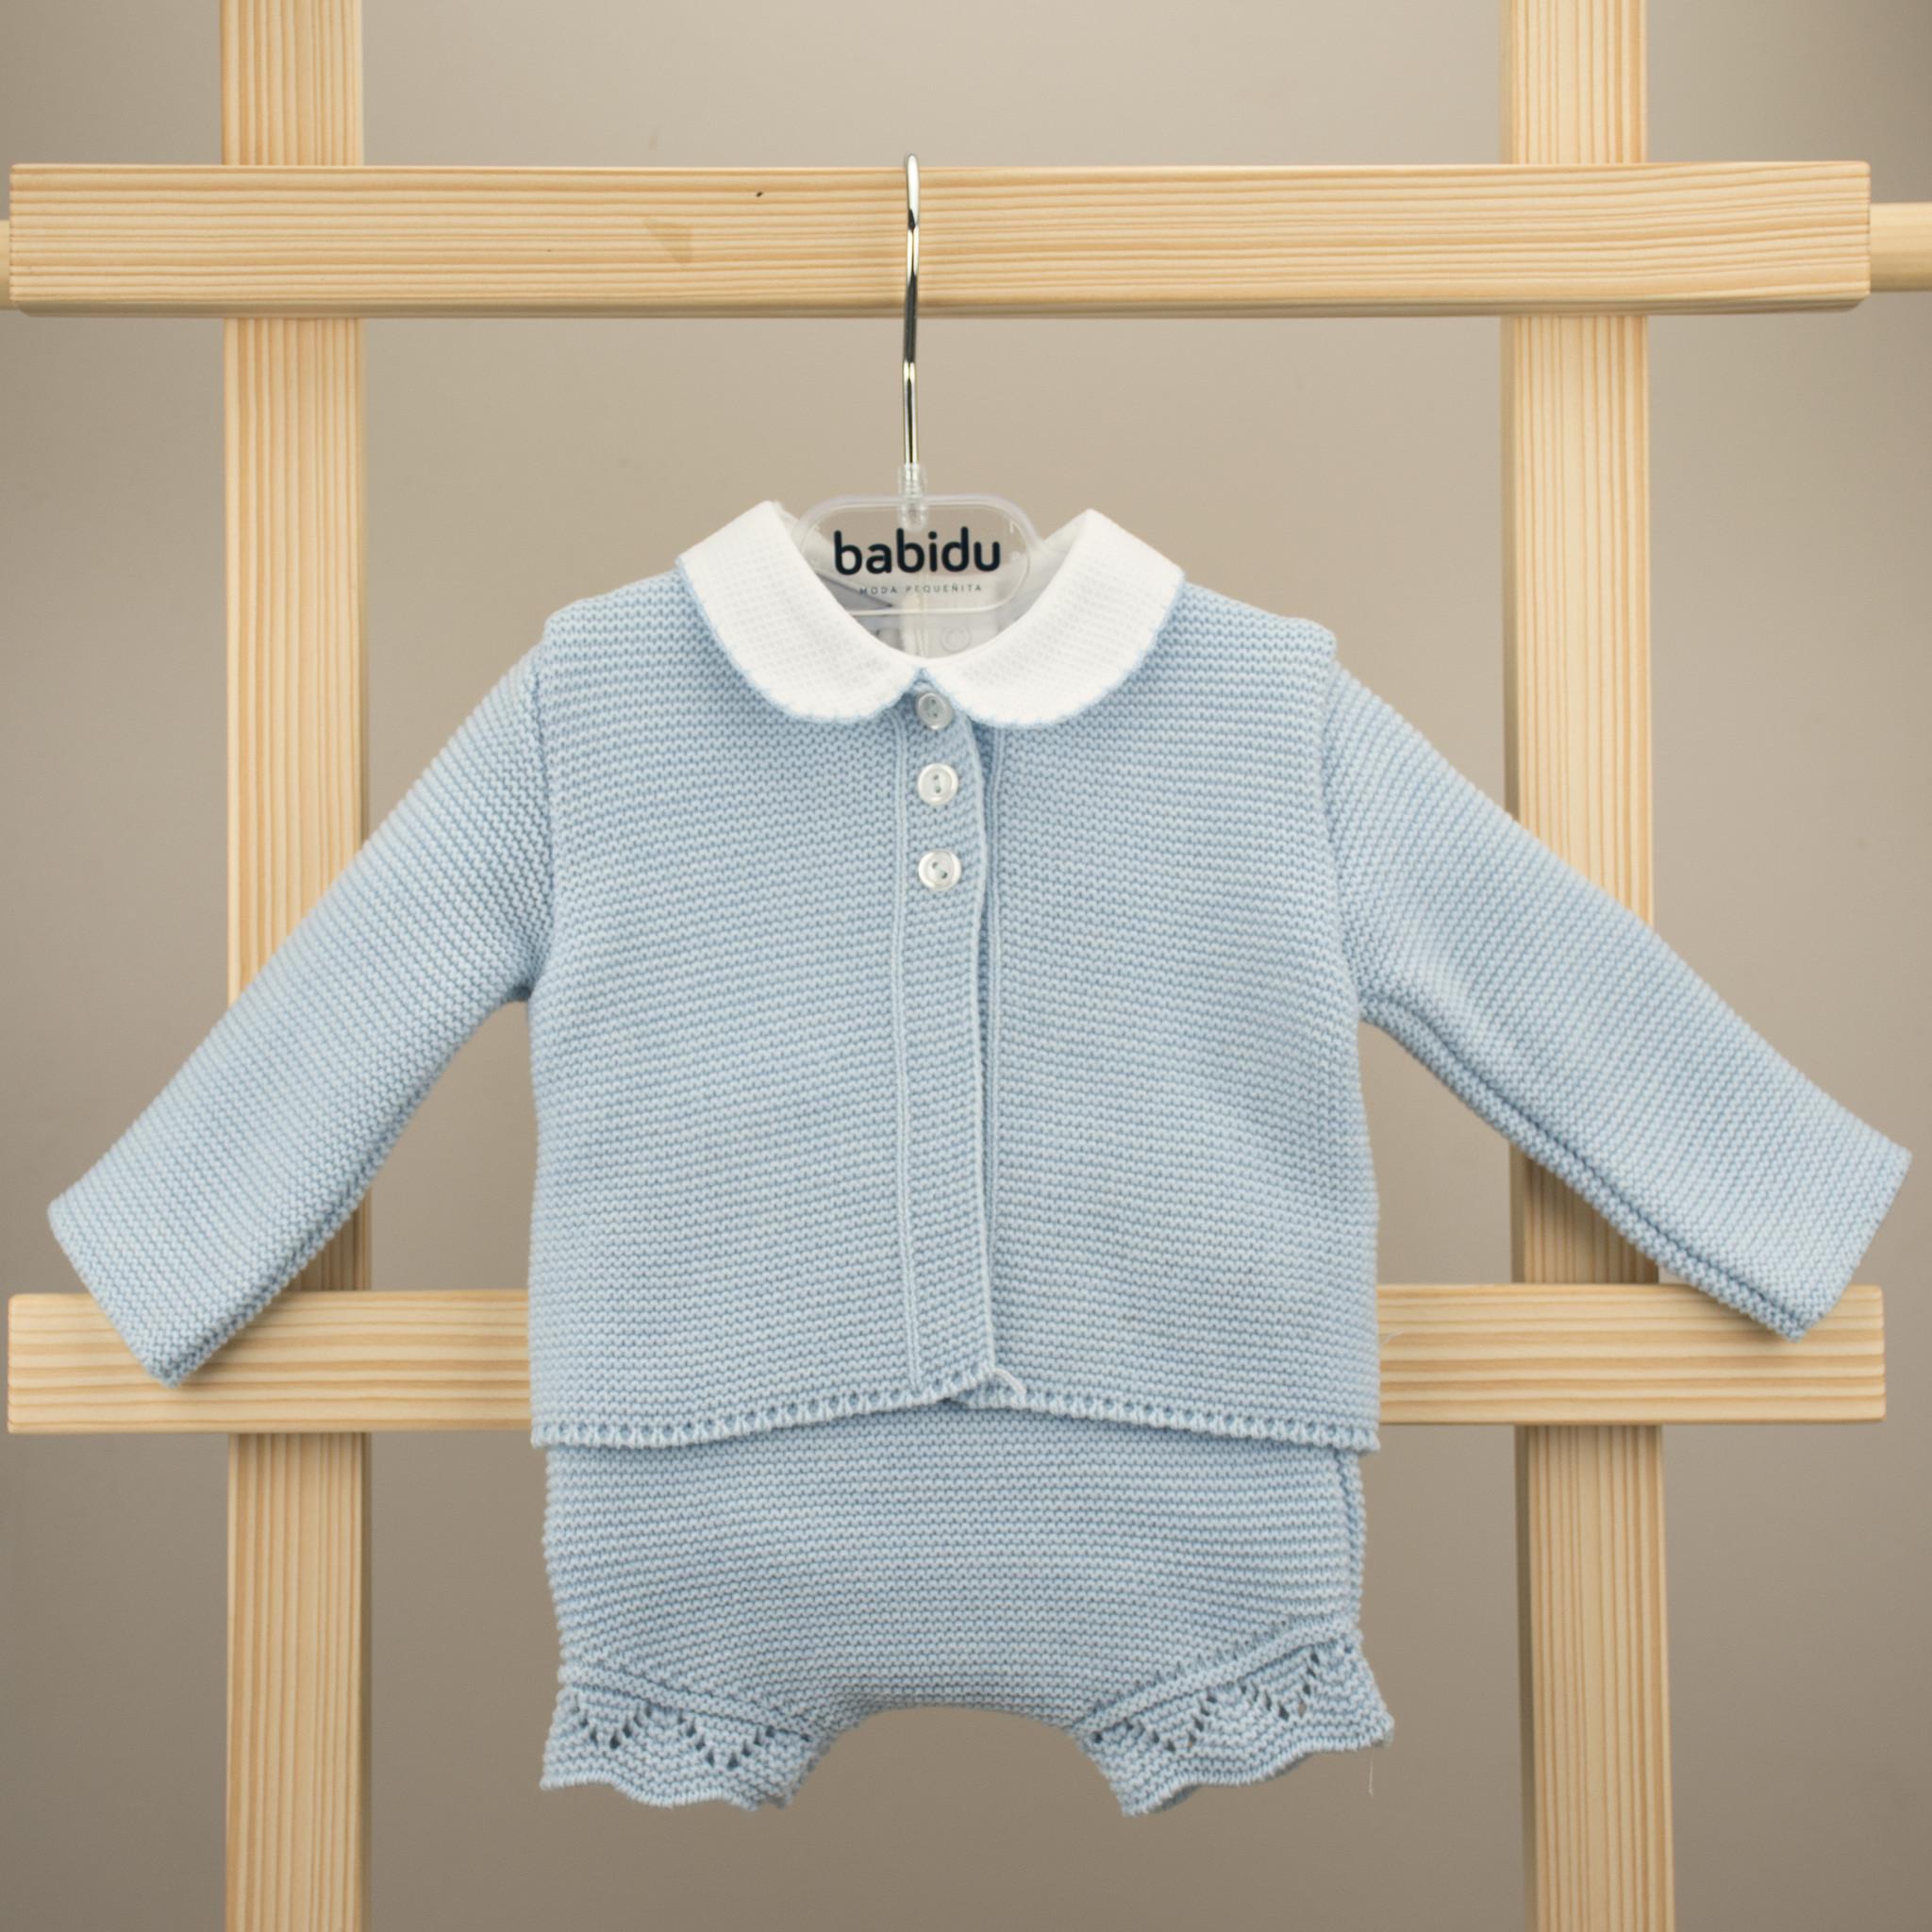 Babidu Babidu Blue Knitted 3 Piece Set - 40164